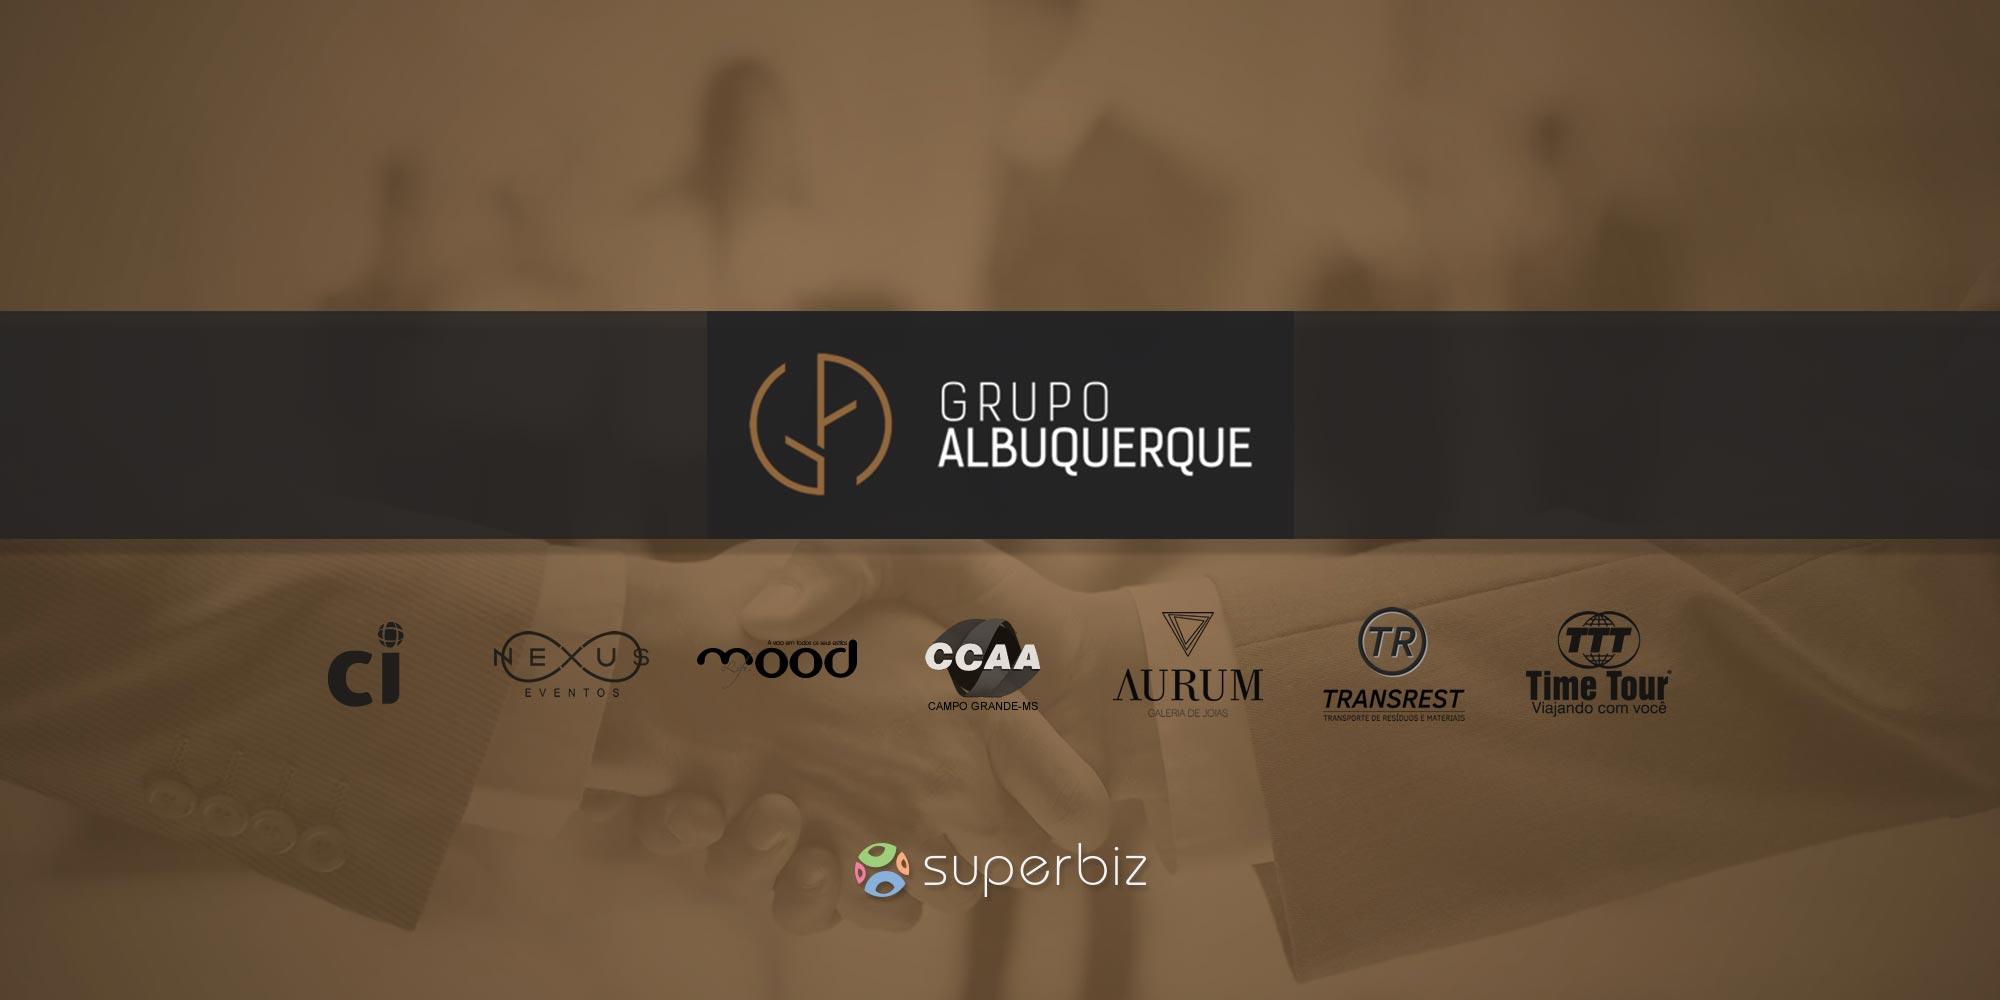 Sites Inteligentes: Case Grupo Albuquerque